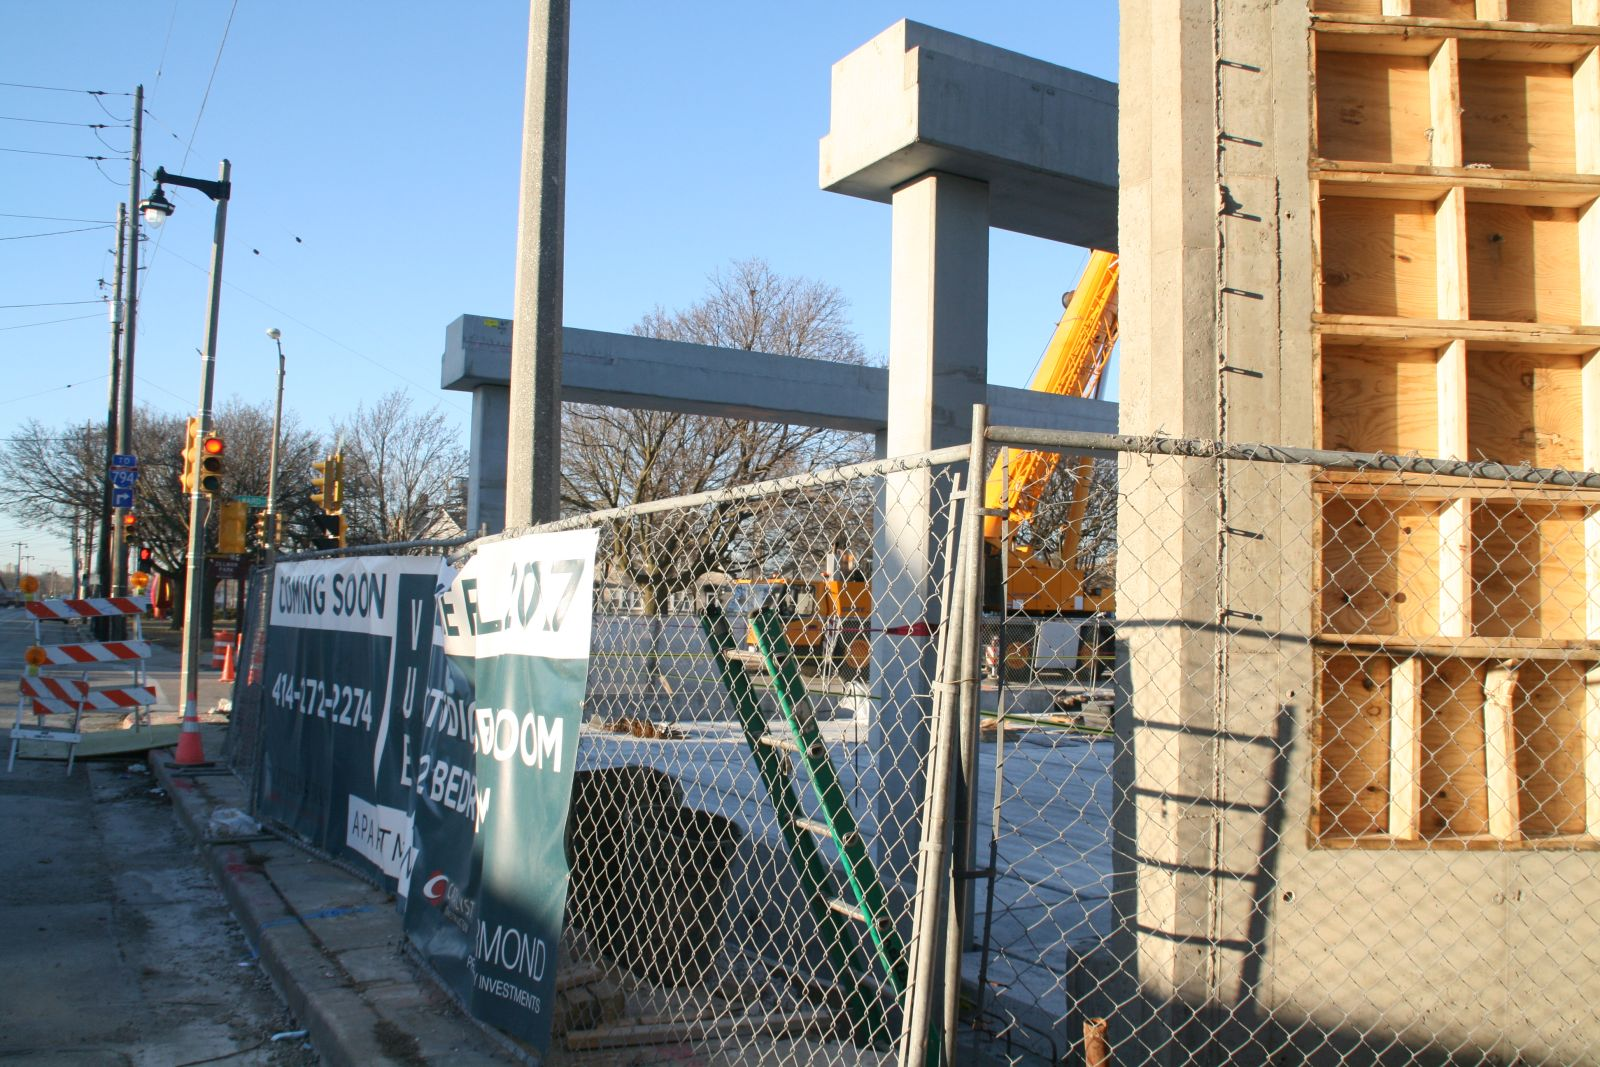 Vue Apartments Construction